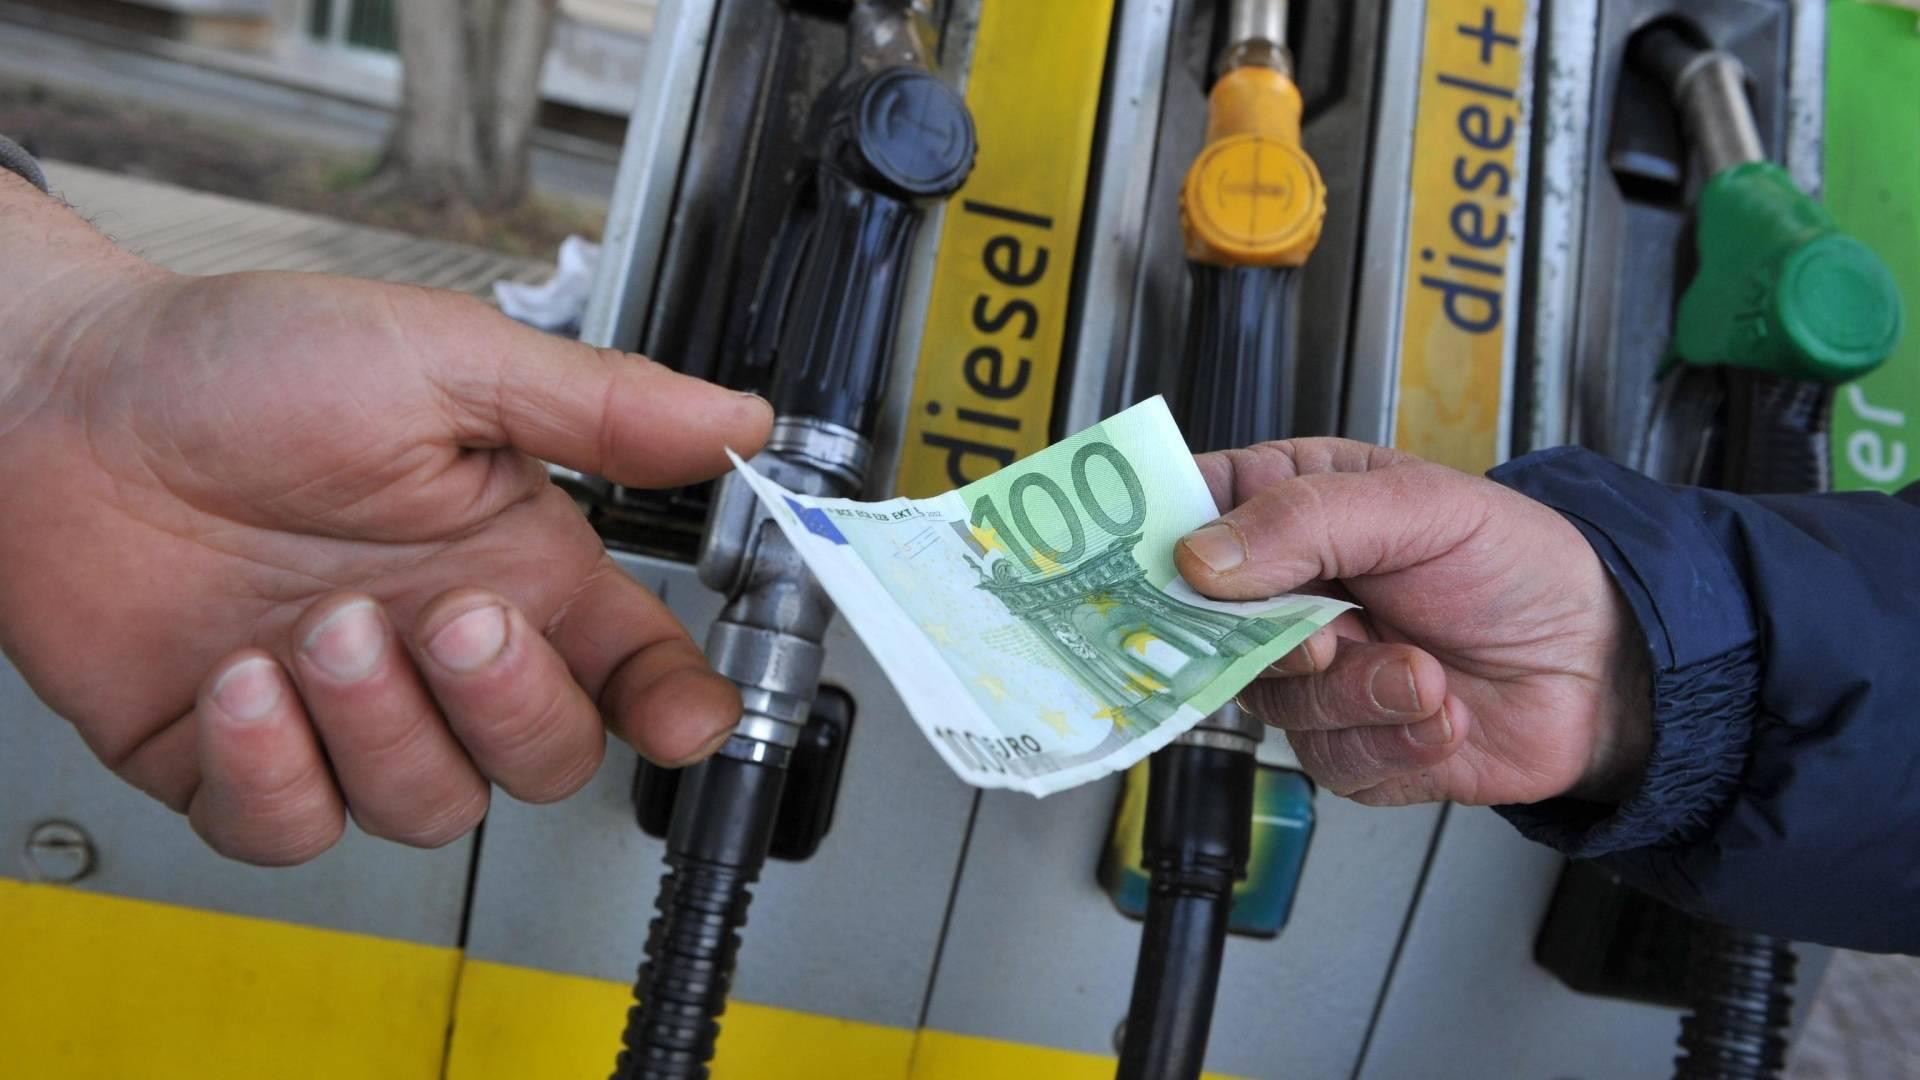 prezzo del carburante alle stelle ecco perche